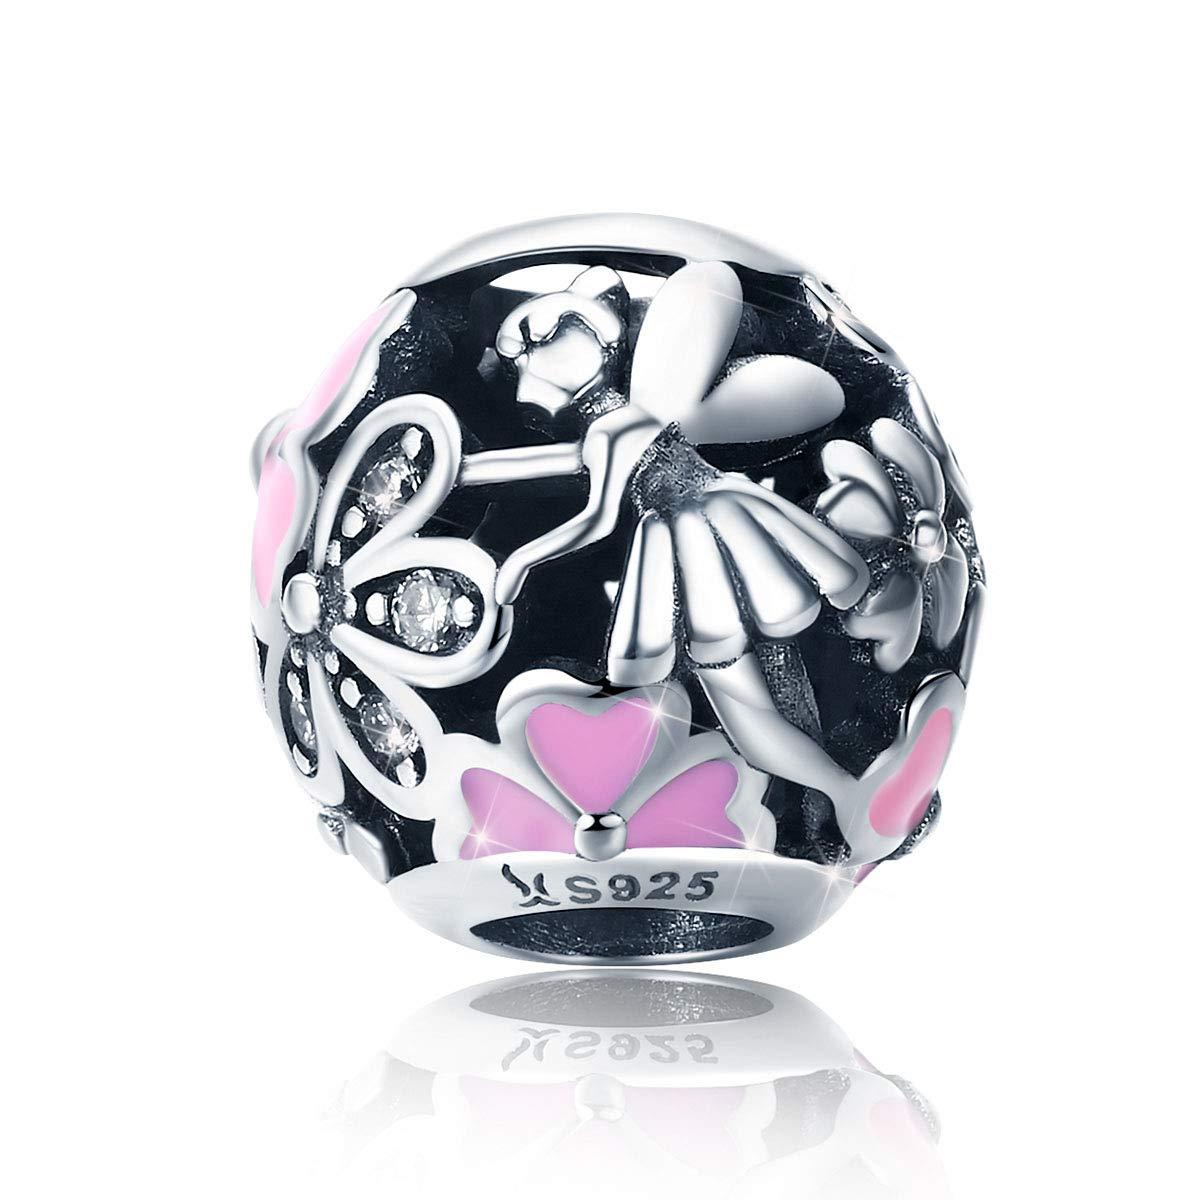 Sterling Silber 925 Herz Charms Anhänger mit Rosa Zirkonia für Damen Charm Armband Halskette Muttertag Geschenke